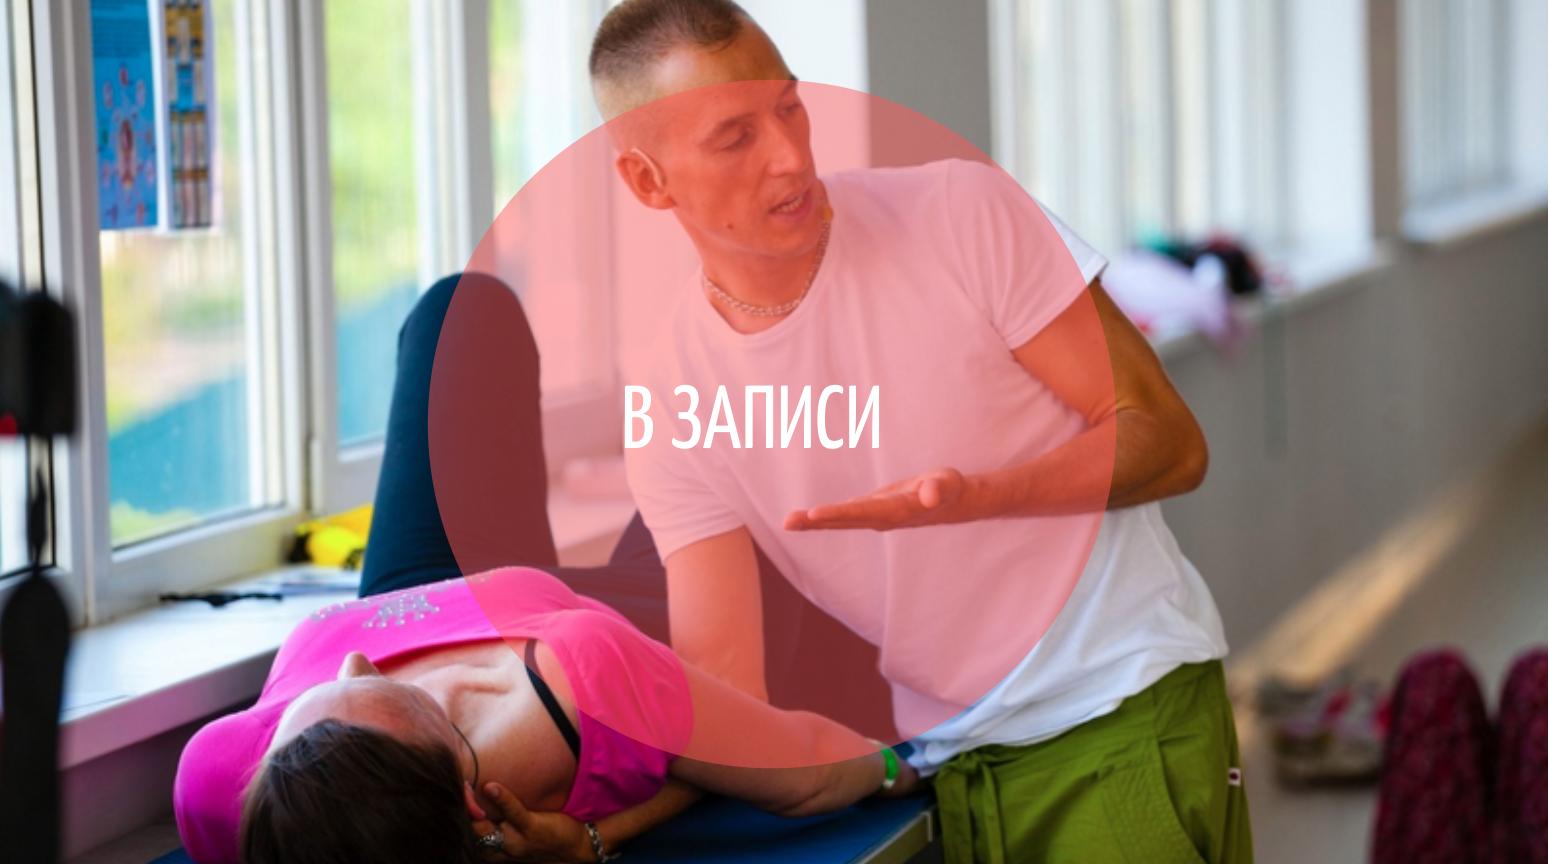 Леонид Герасьянов (В ЗАПИСИ) Онлайн-курс Здоровый позвоночник - Легко!. 1 и 2 Ступень